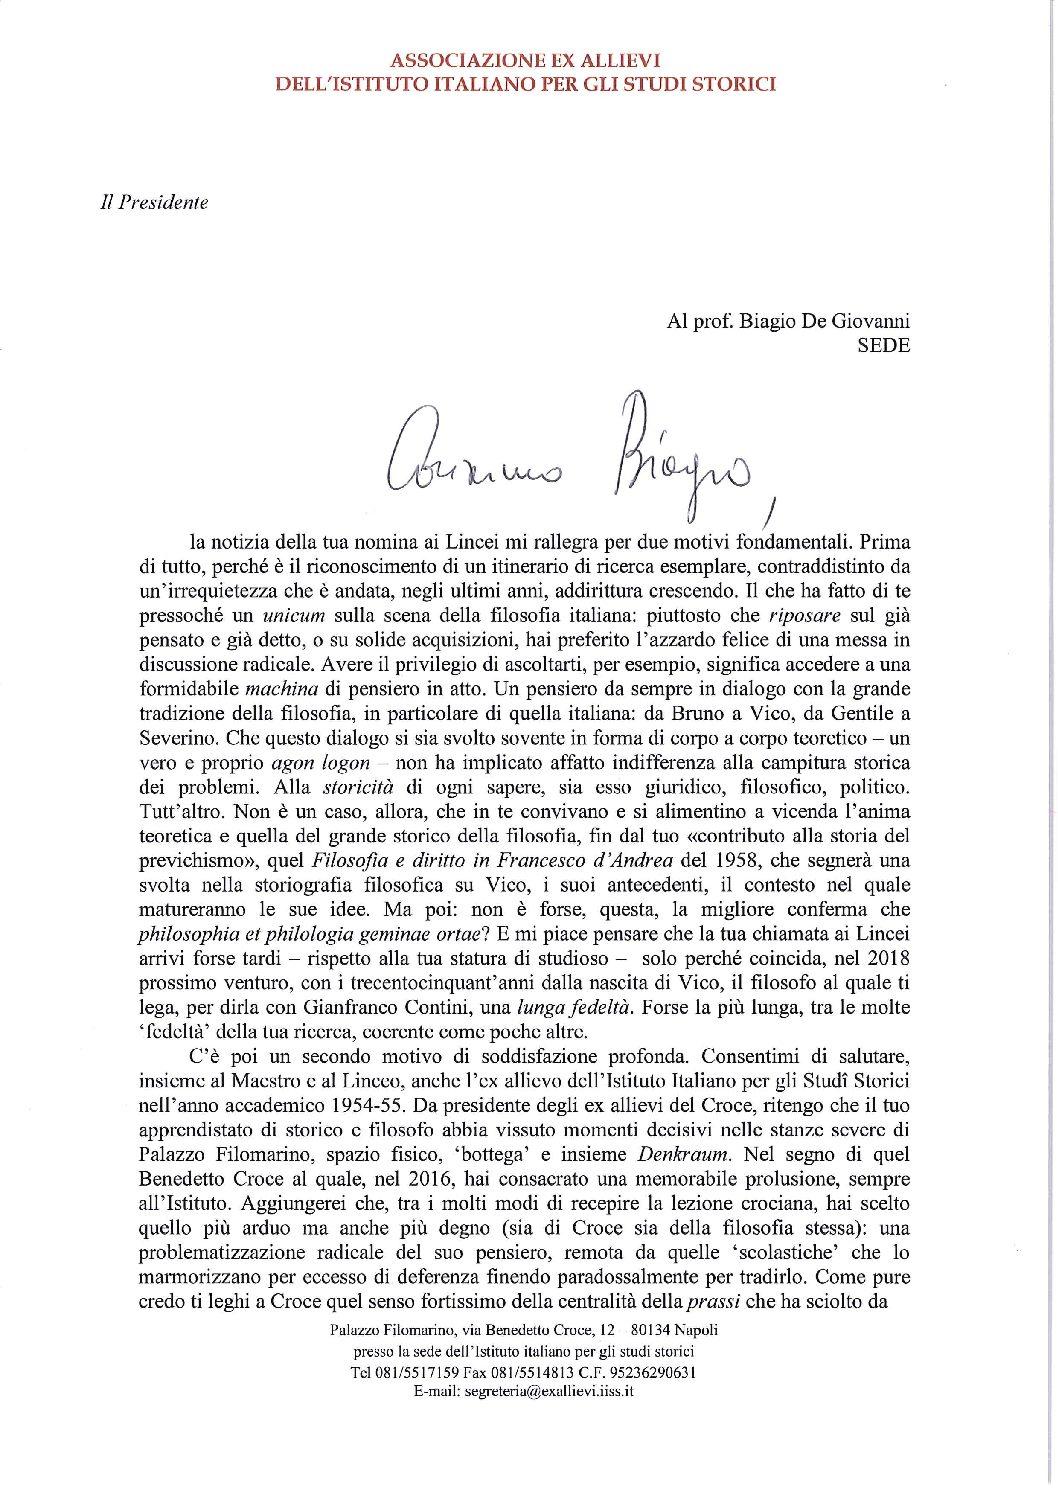 Lettera Presidente d'Alessandro al socio Biagio de Giovanni per nomina Lincei